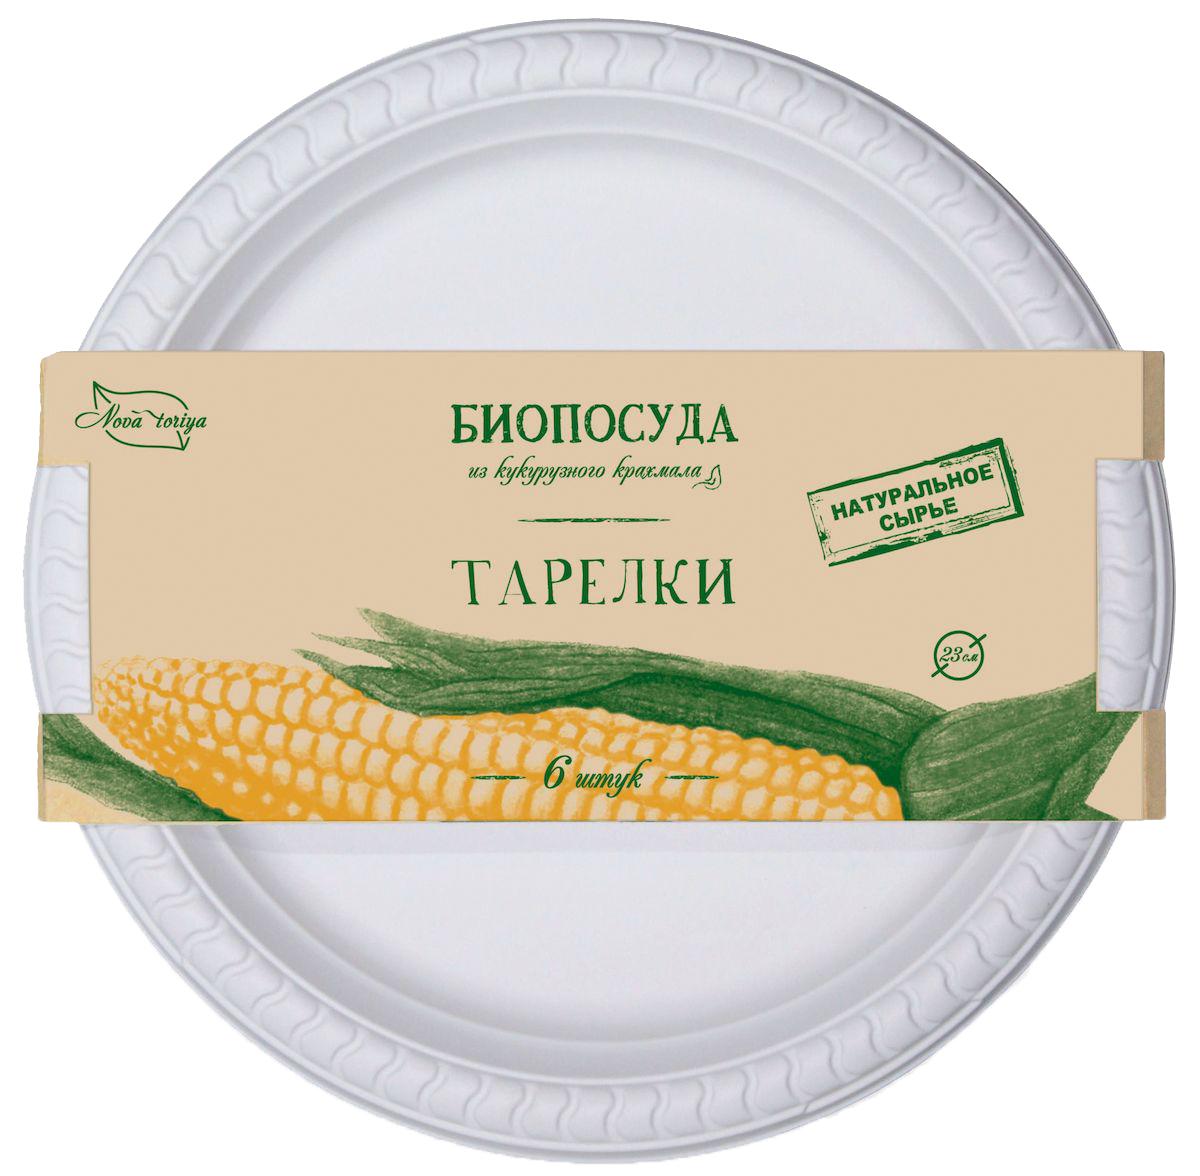 Набор одноразовых тарелок Nova Toriya, диаметр 23 см, 6 штVT-1520(SR)Набор Nova Toriya состоит из шести круглых суповых тарелок, выполненных из кукурузного крахмала и предназначенных для одноразового использования. Одноразовые тарелки будут незаменимы при поездках на природу, пикниках и других мероприятиях. Они не займут много места, легки и самое главное - после использования их не надо мыть.